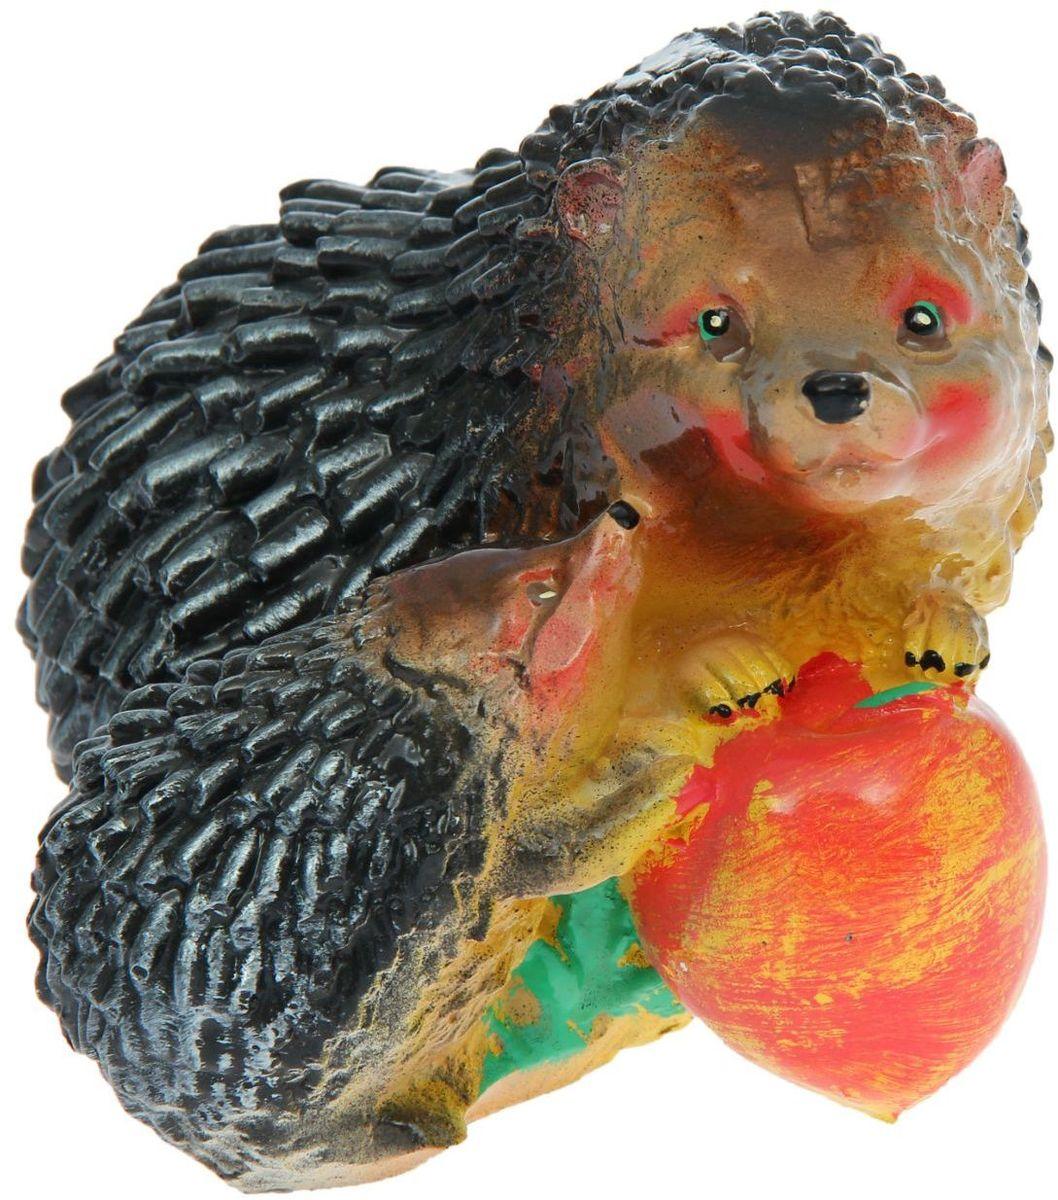 Фигура садовая Premium Gips Ежонок и ежиха с яблоком, 18 х 14 х 14 см1148464